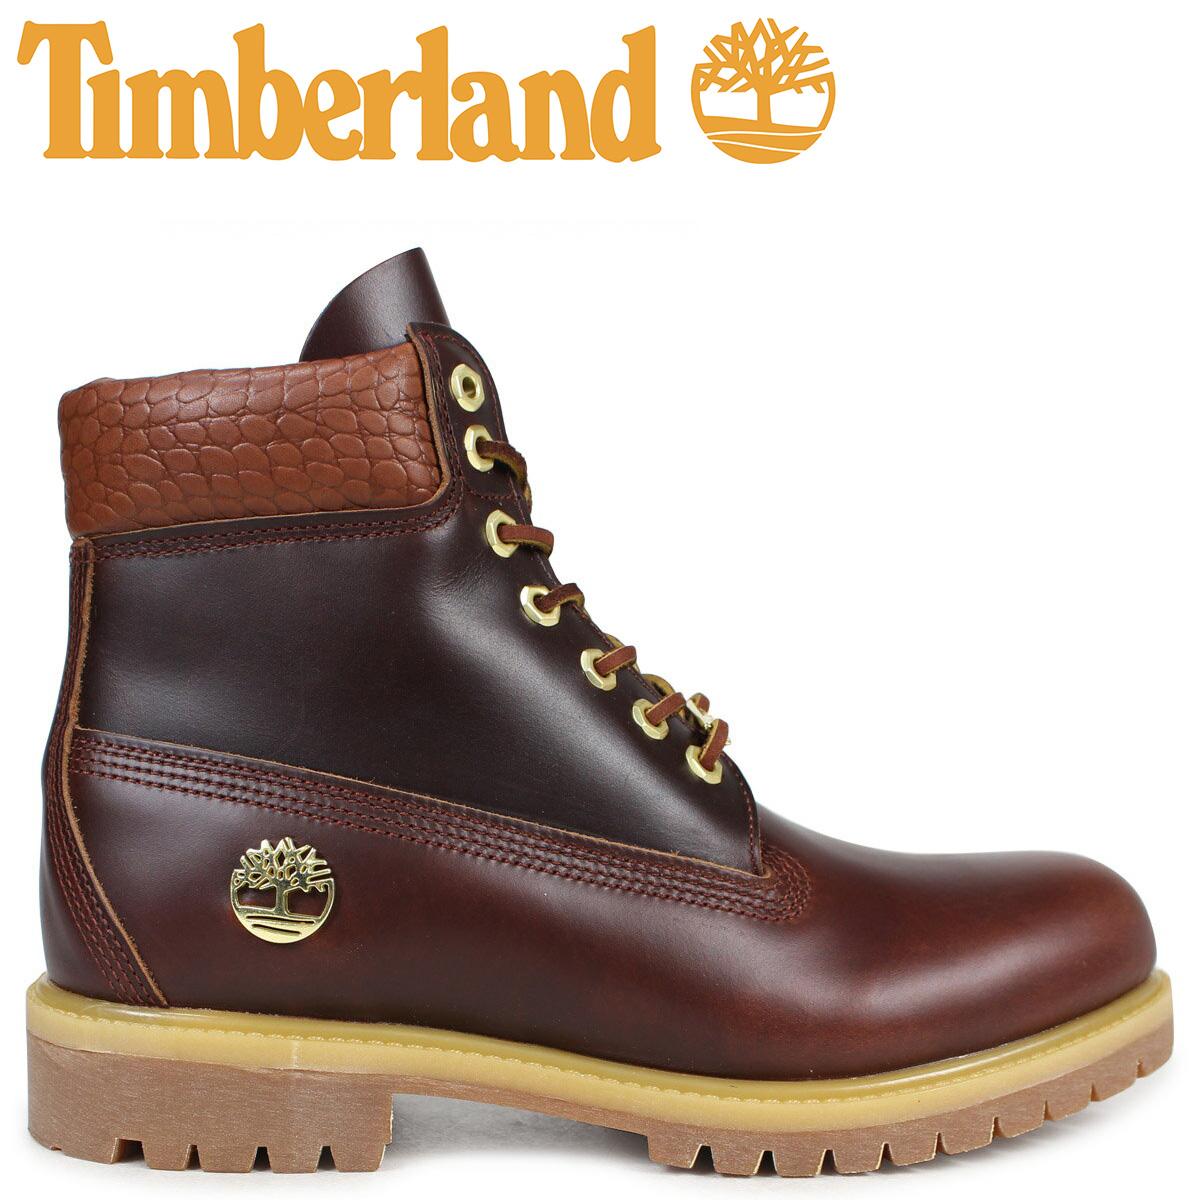 【★大感謝セール】 Timberland ブーツ メンズ 6インチ 6インチ ティンバーランド 6INCH ブーツ PREMIUM プレミアム BOOT A1P9P Wワイズ プレミアム ブラウン, くらしのくら:6488b698 --- business.personalco5.dominiotemporario.com